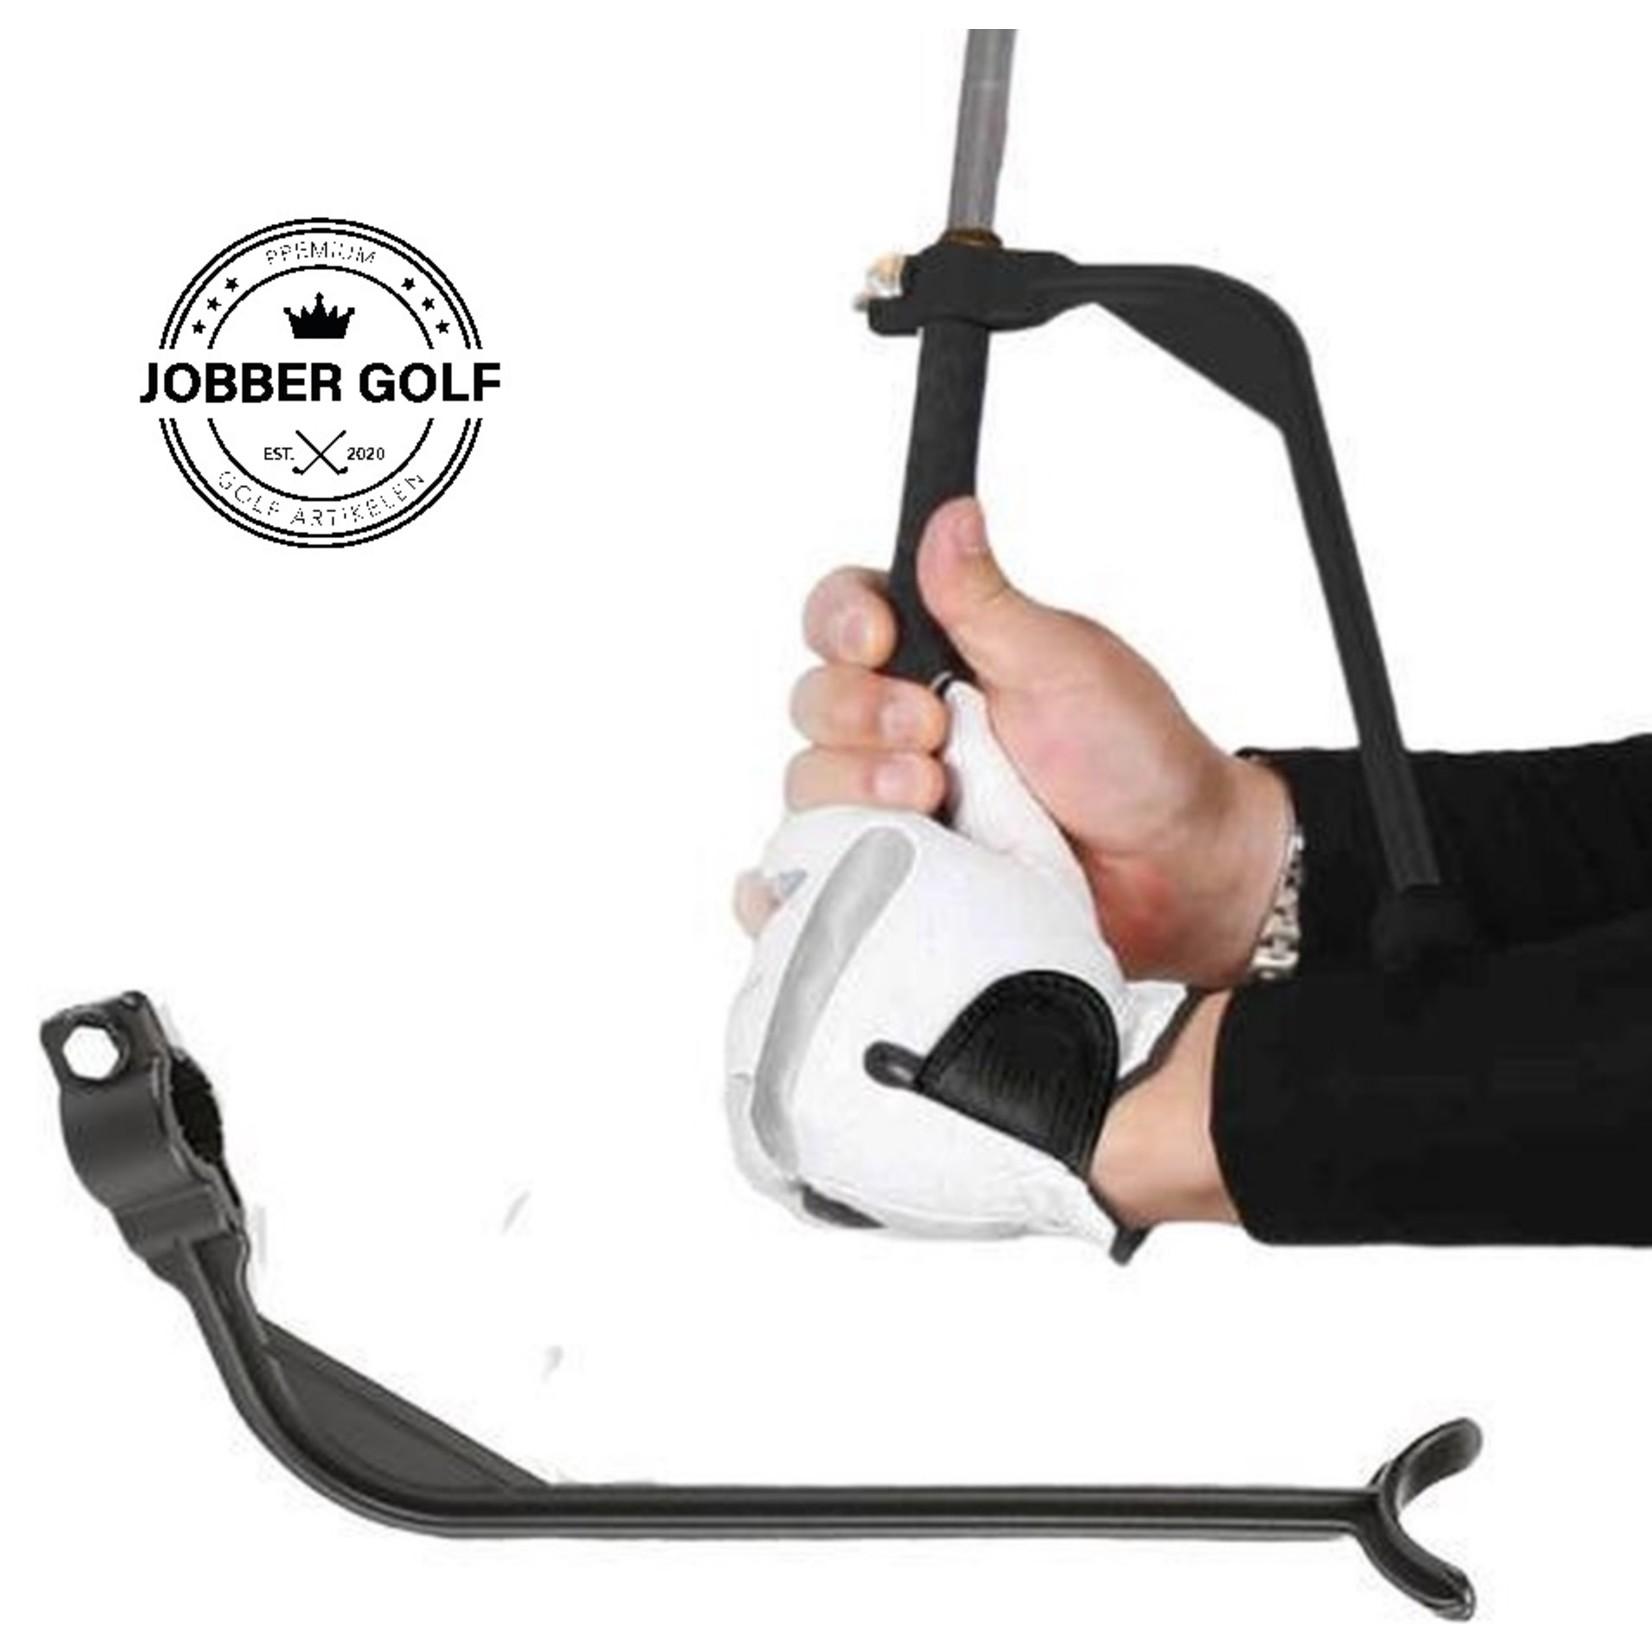 Jobber Golf Jobber Golf - Golf swing trainer arm